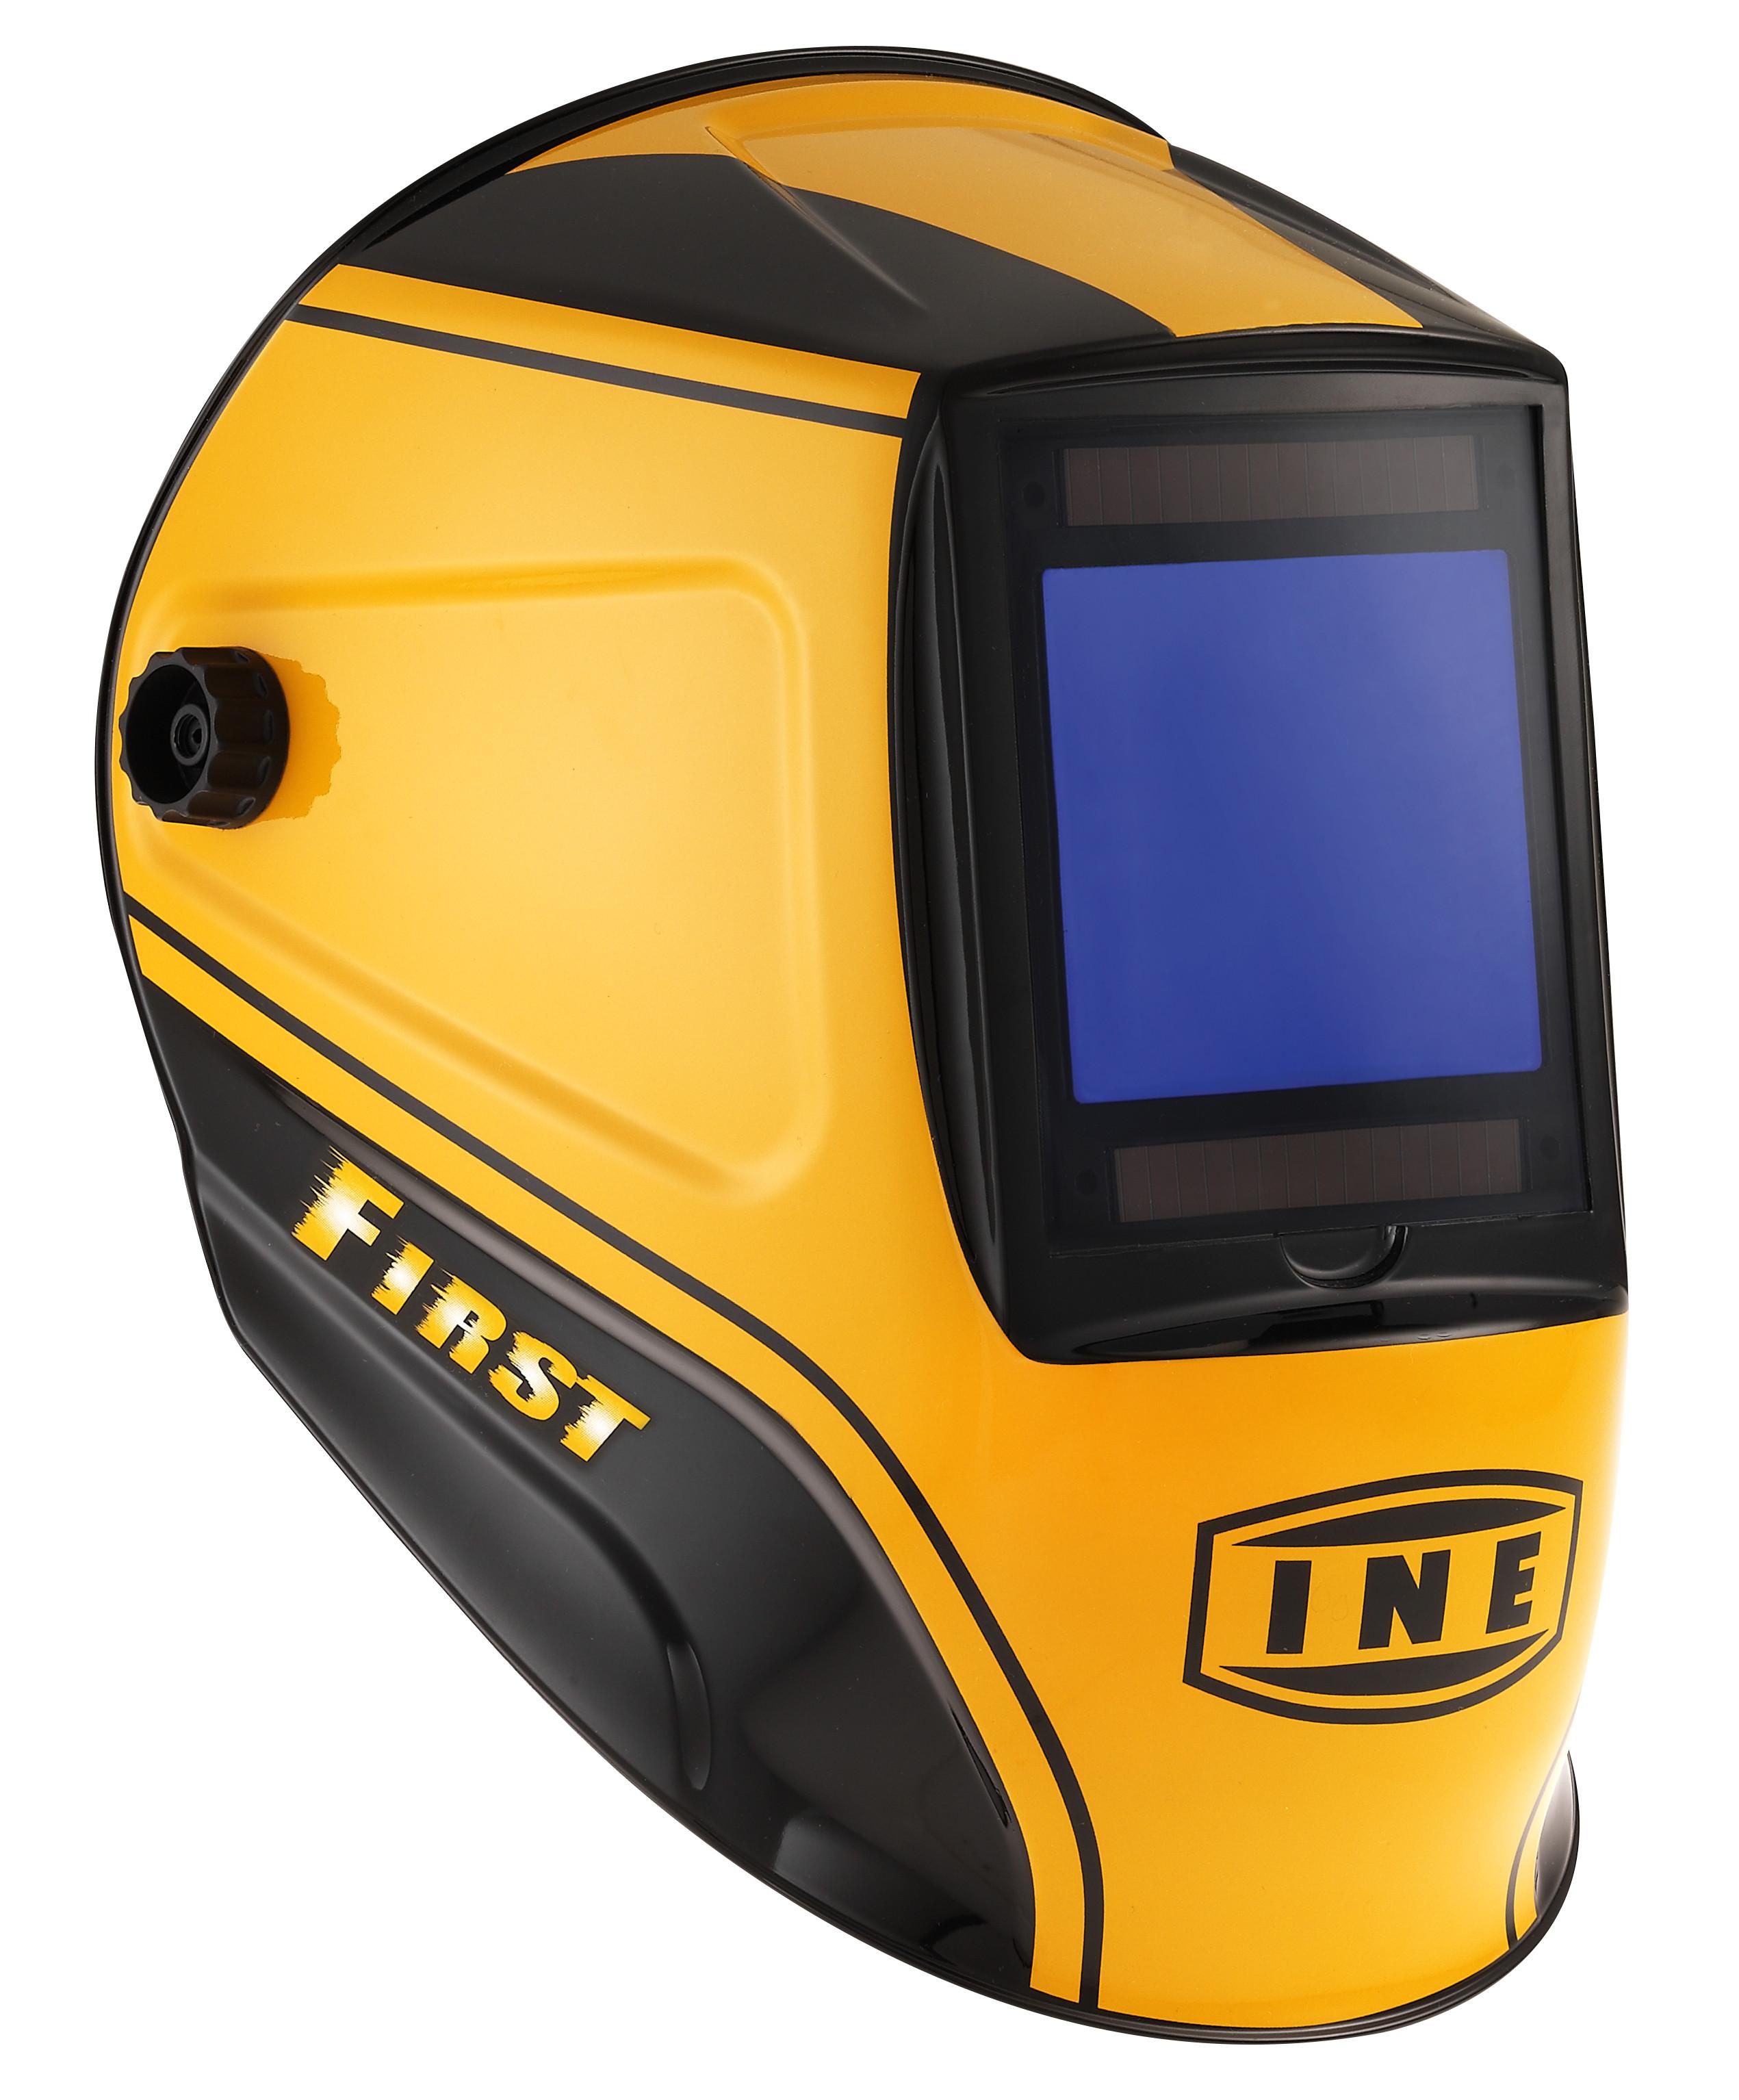 Auto Darkening Welding Helmet Safety Ine Spa Equipment Diagram